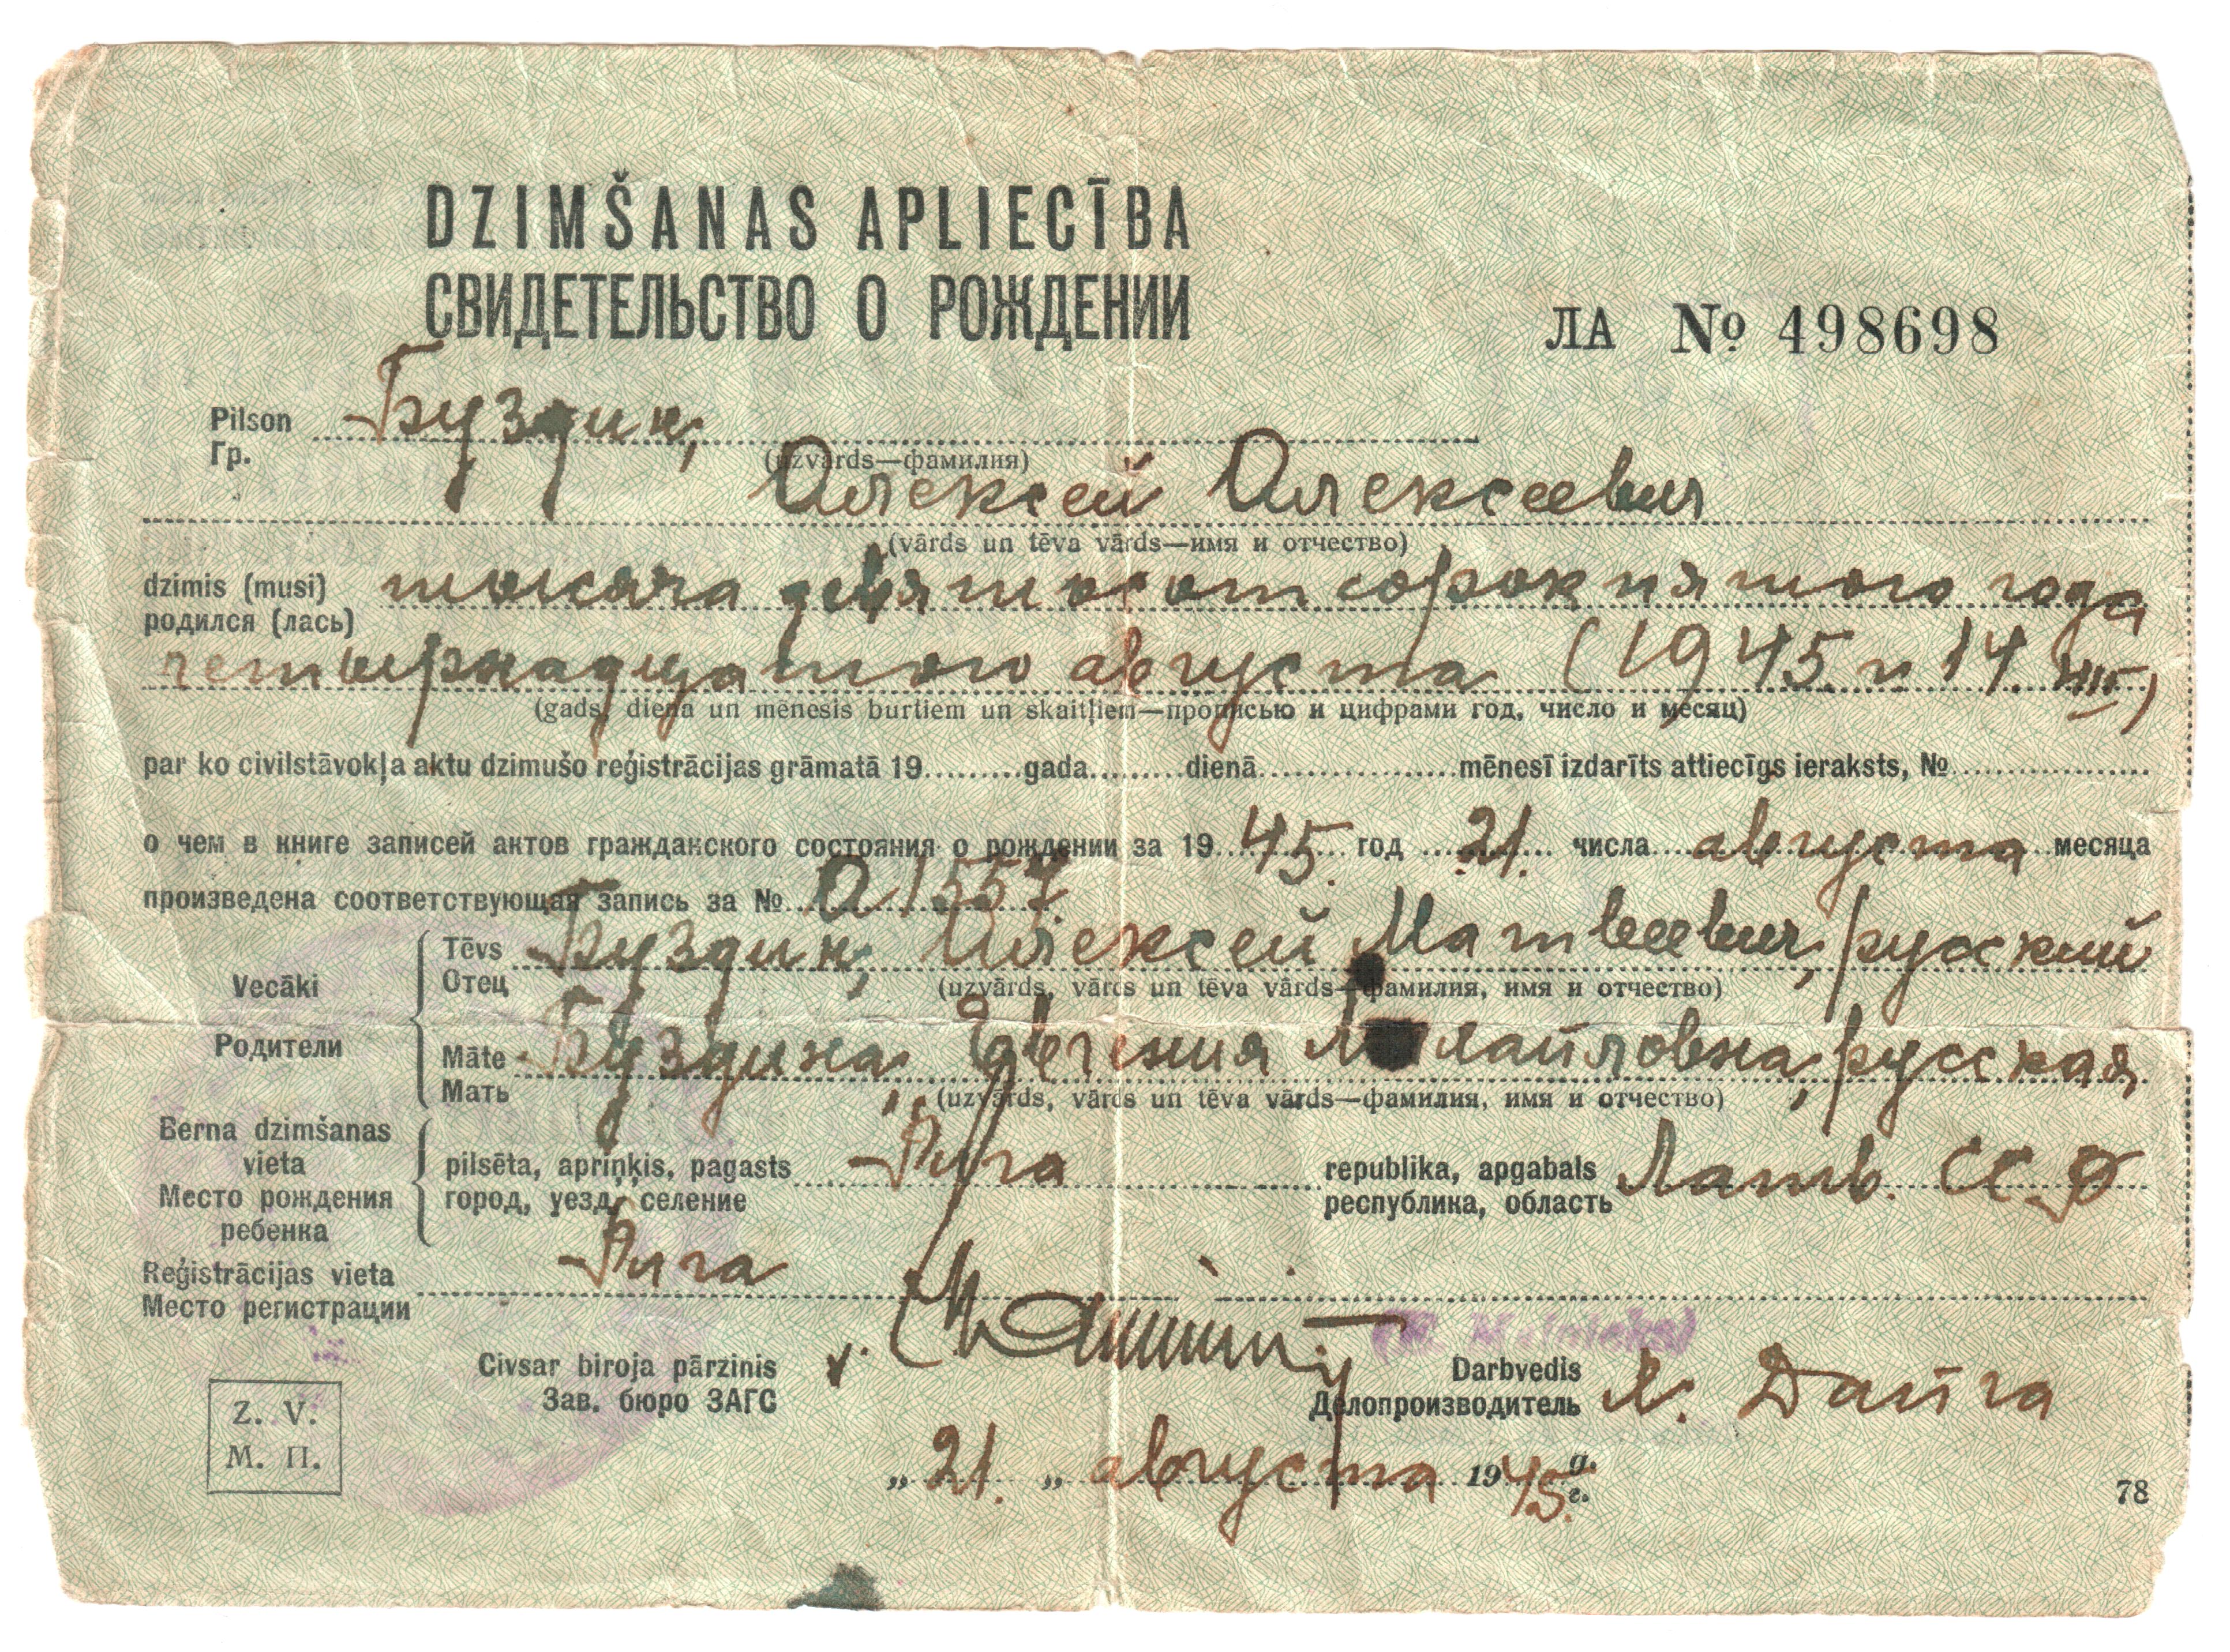 Filealeksey alekseevich buzdin birth certificate 1945 08 21 filealeksey alekseevich buzdin birth certificate 1945 08 21 riga aiddatafo Gallery